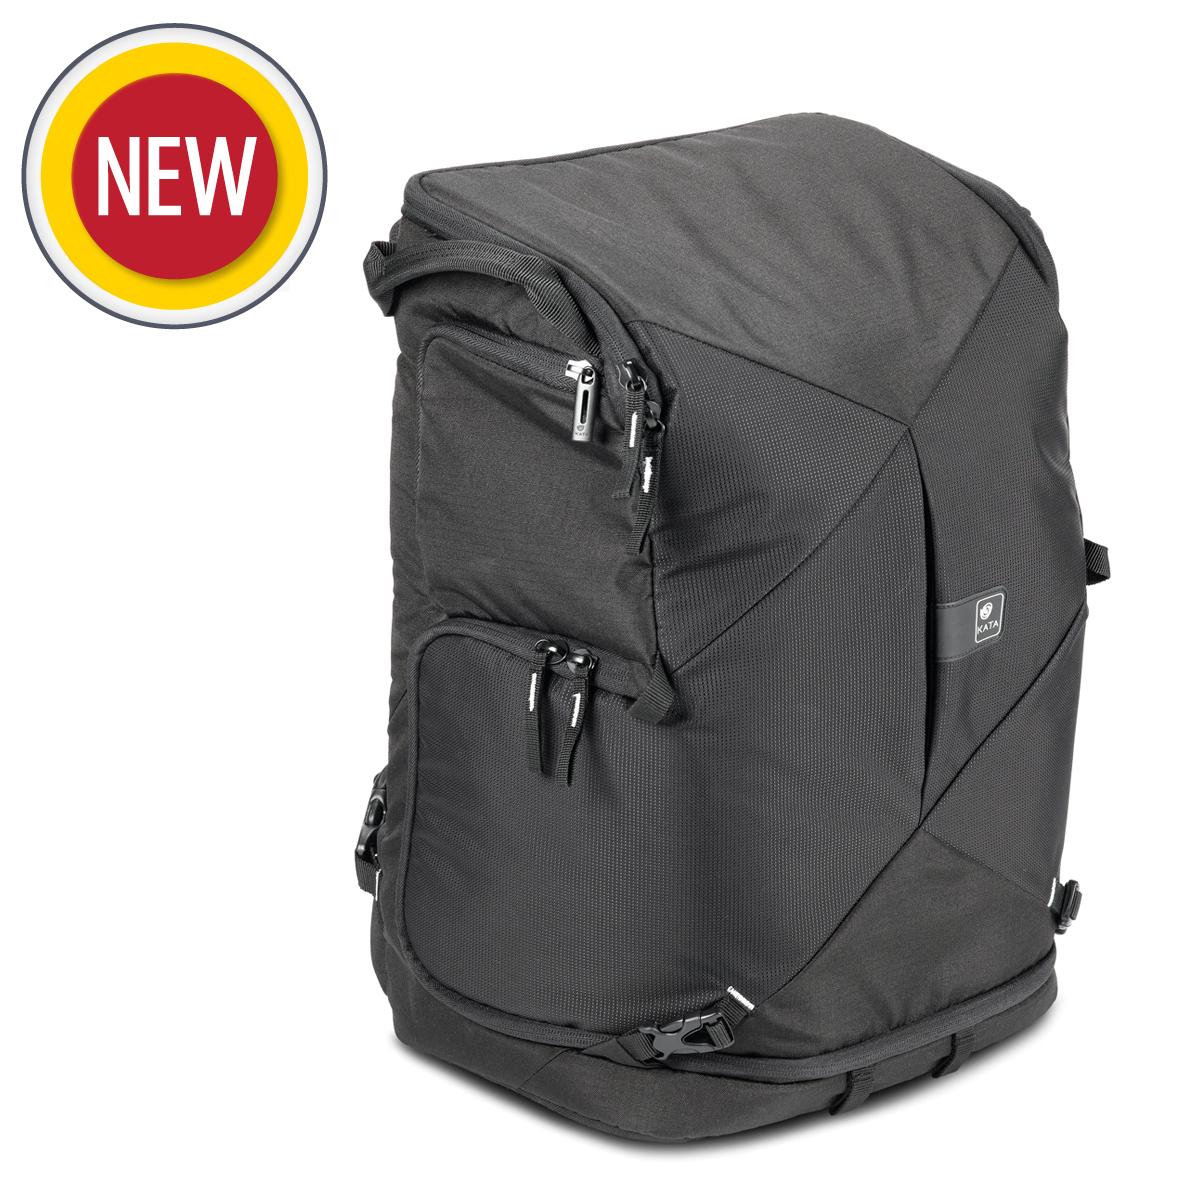 Photo Cases & Bags Kata Bags UK - 3N1-33 DL for DSLR w/long-range zoom lens+ 5-6 lenses+flash